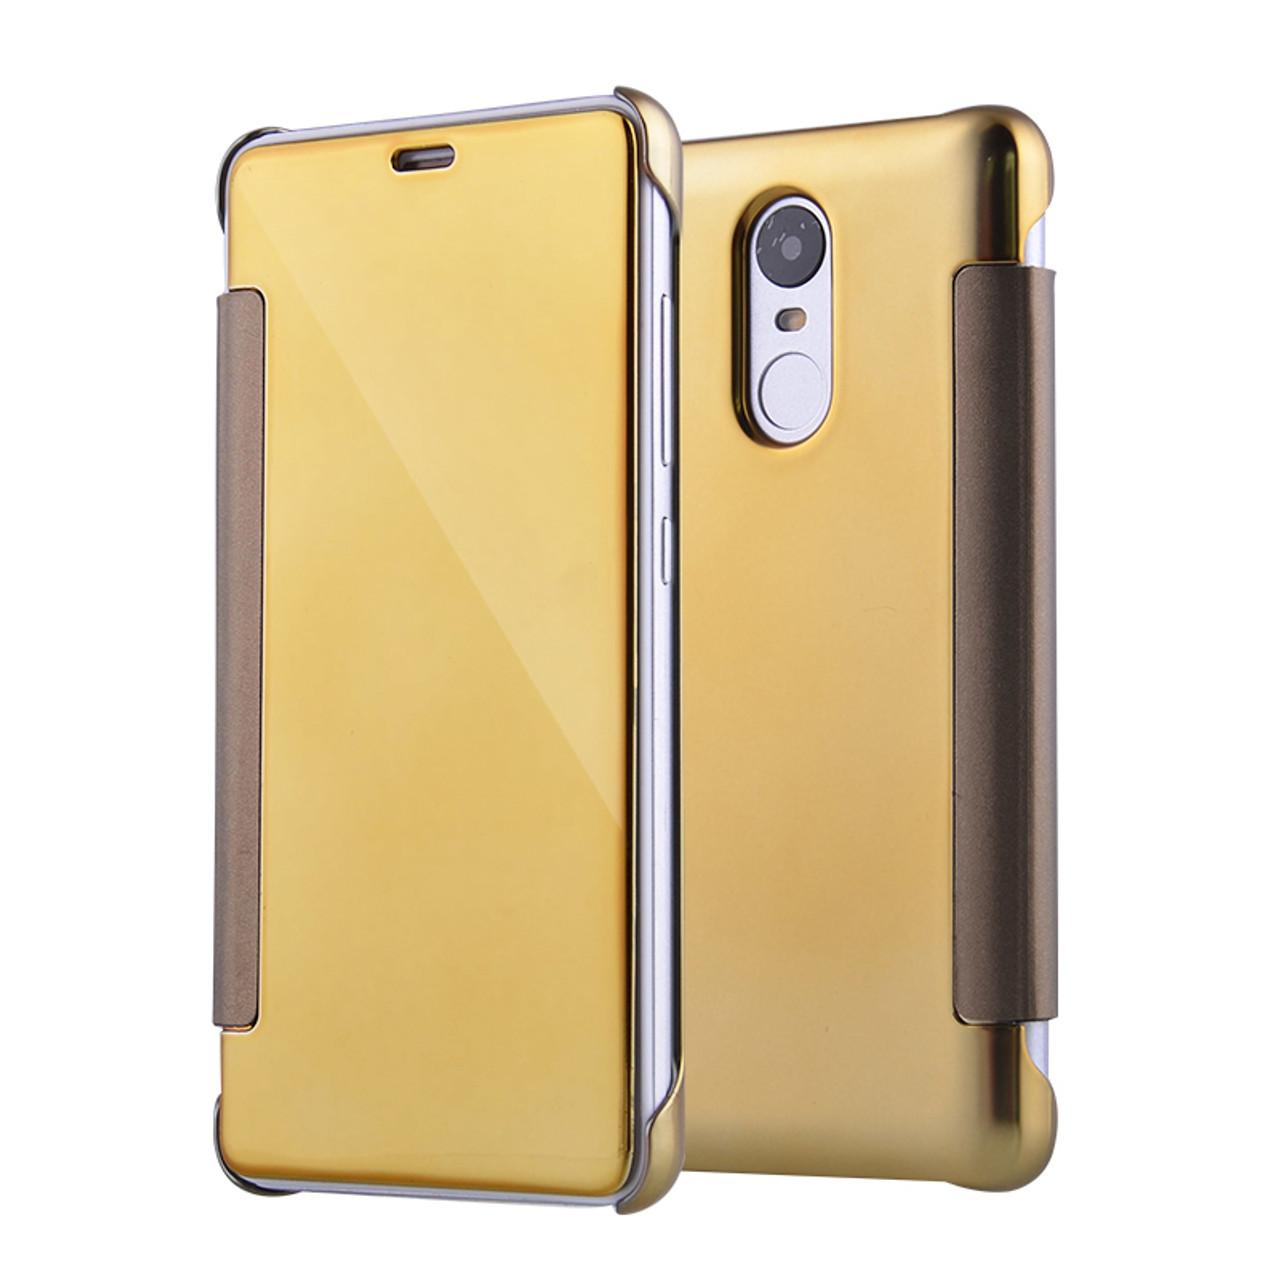 premium selection 19dda b7bf7 Flip Case For Xiaomi Redmi 4 pro prime Mirror Smart Clear View Phone Cover  For Xiaomi mi 5 mi 5S Redmi Note 3 Leather Flip Case